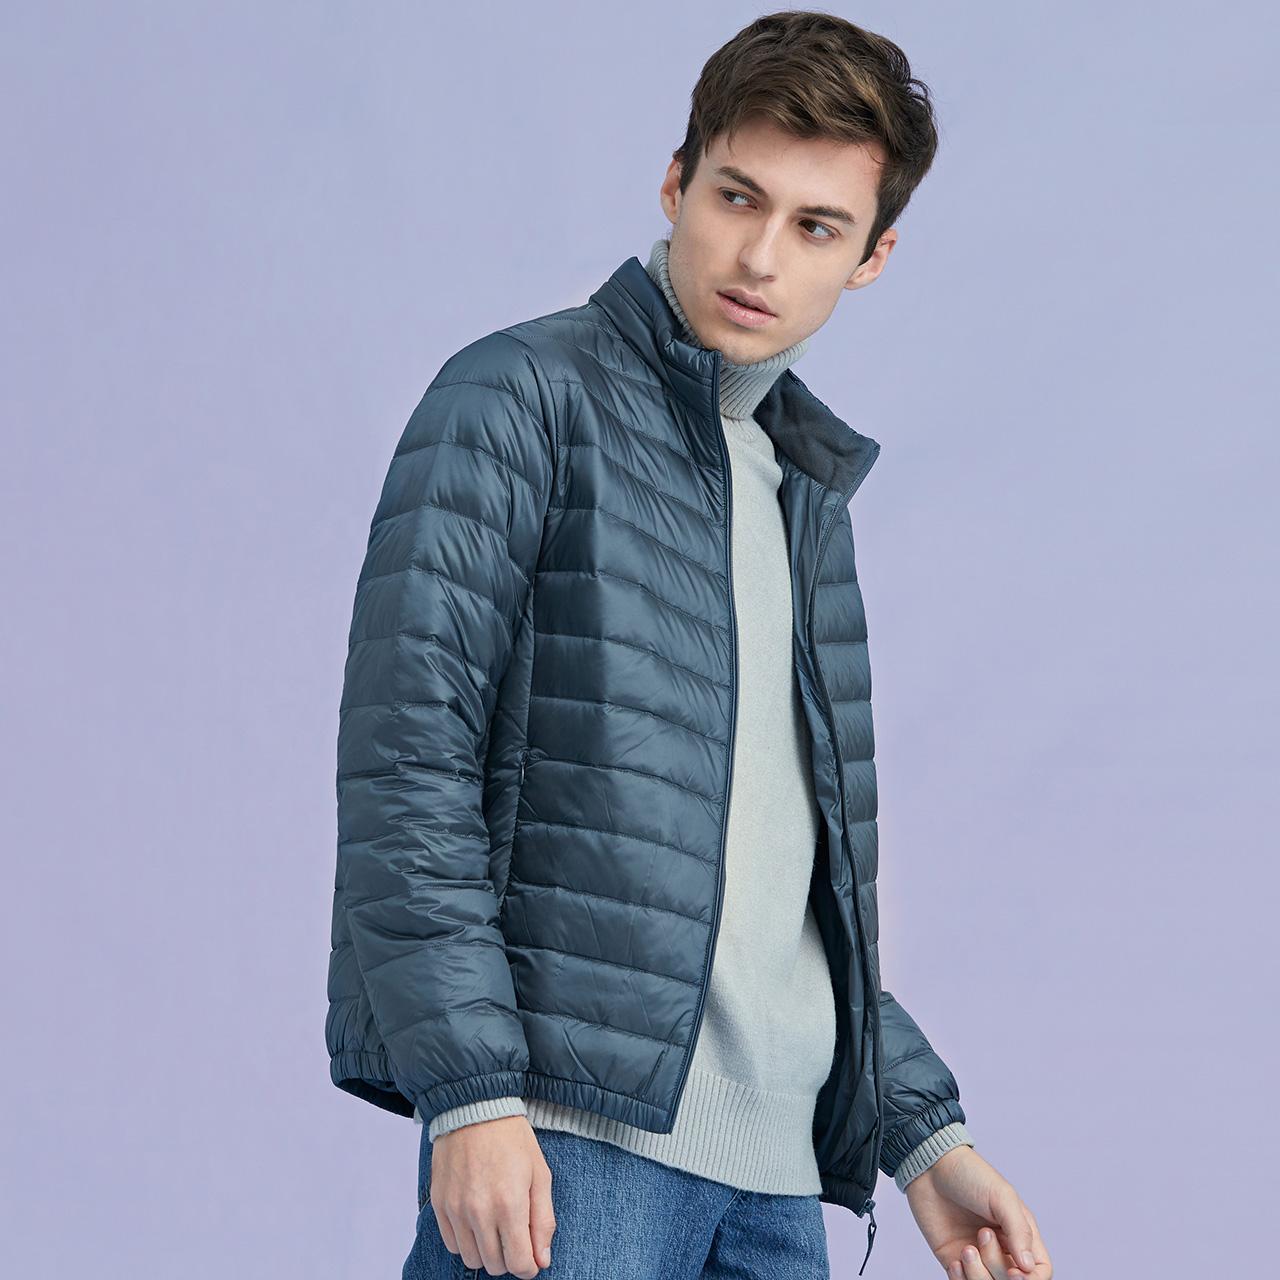 雪中飞2020春季男装轻薄羽绒服男短款立领修身大码休闲外套潮